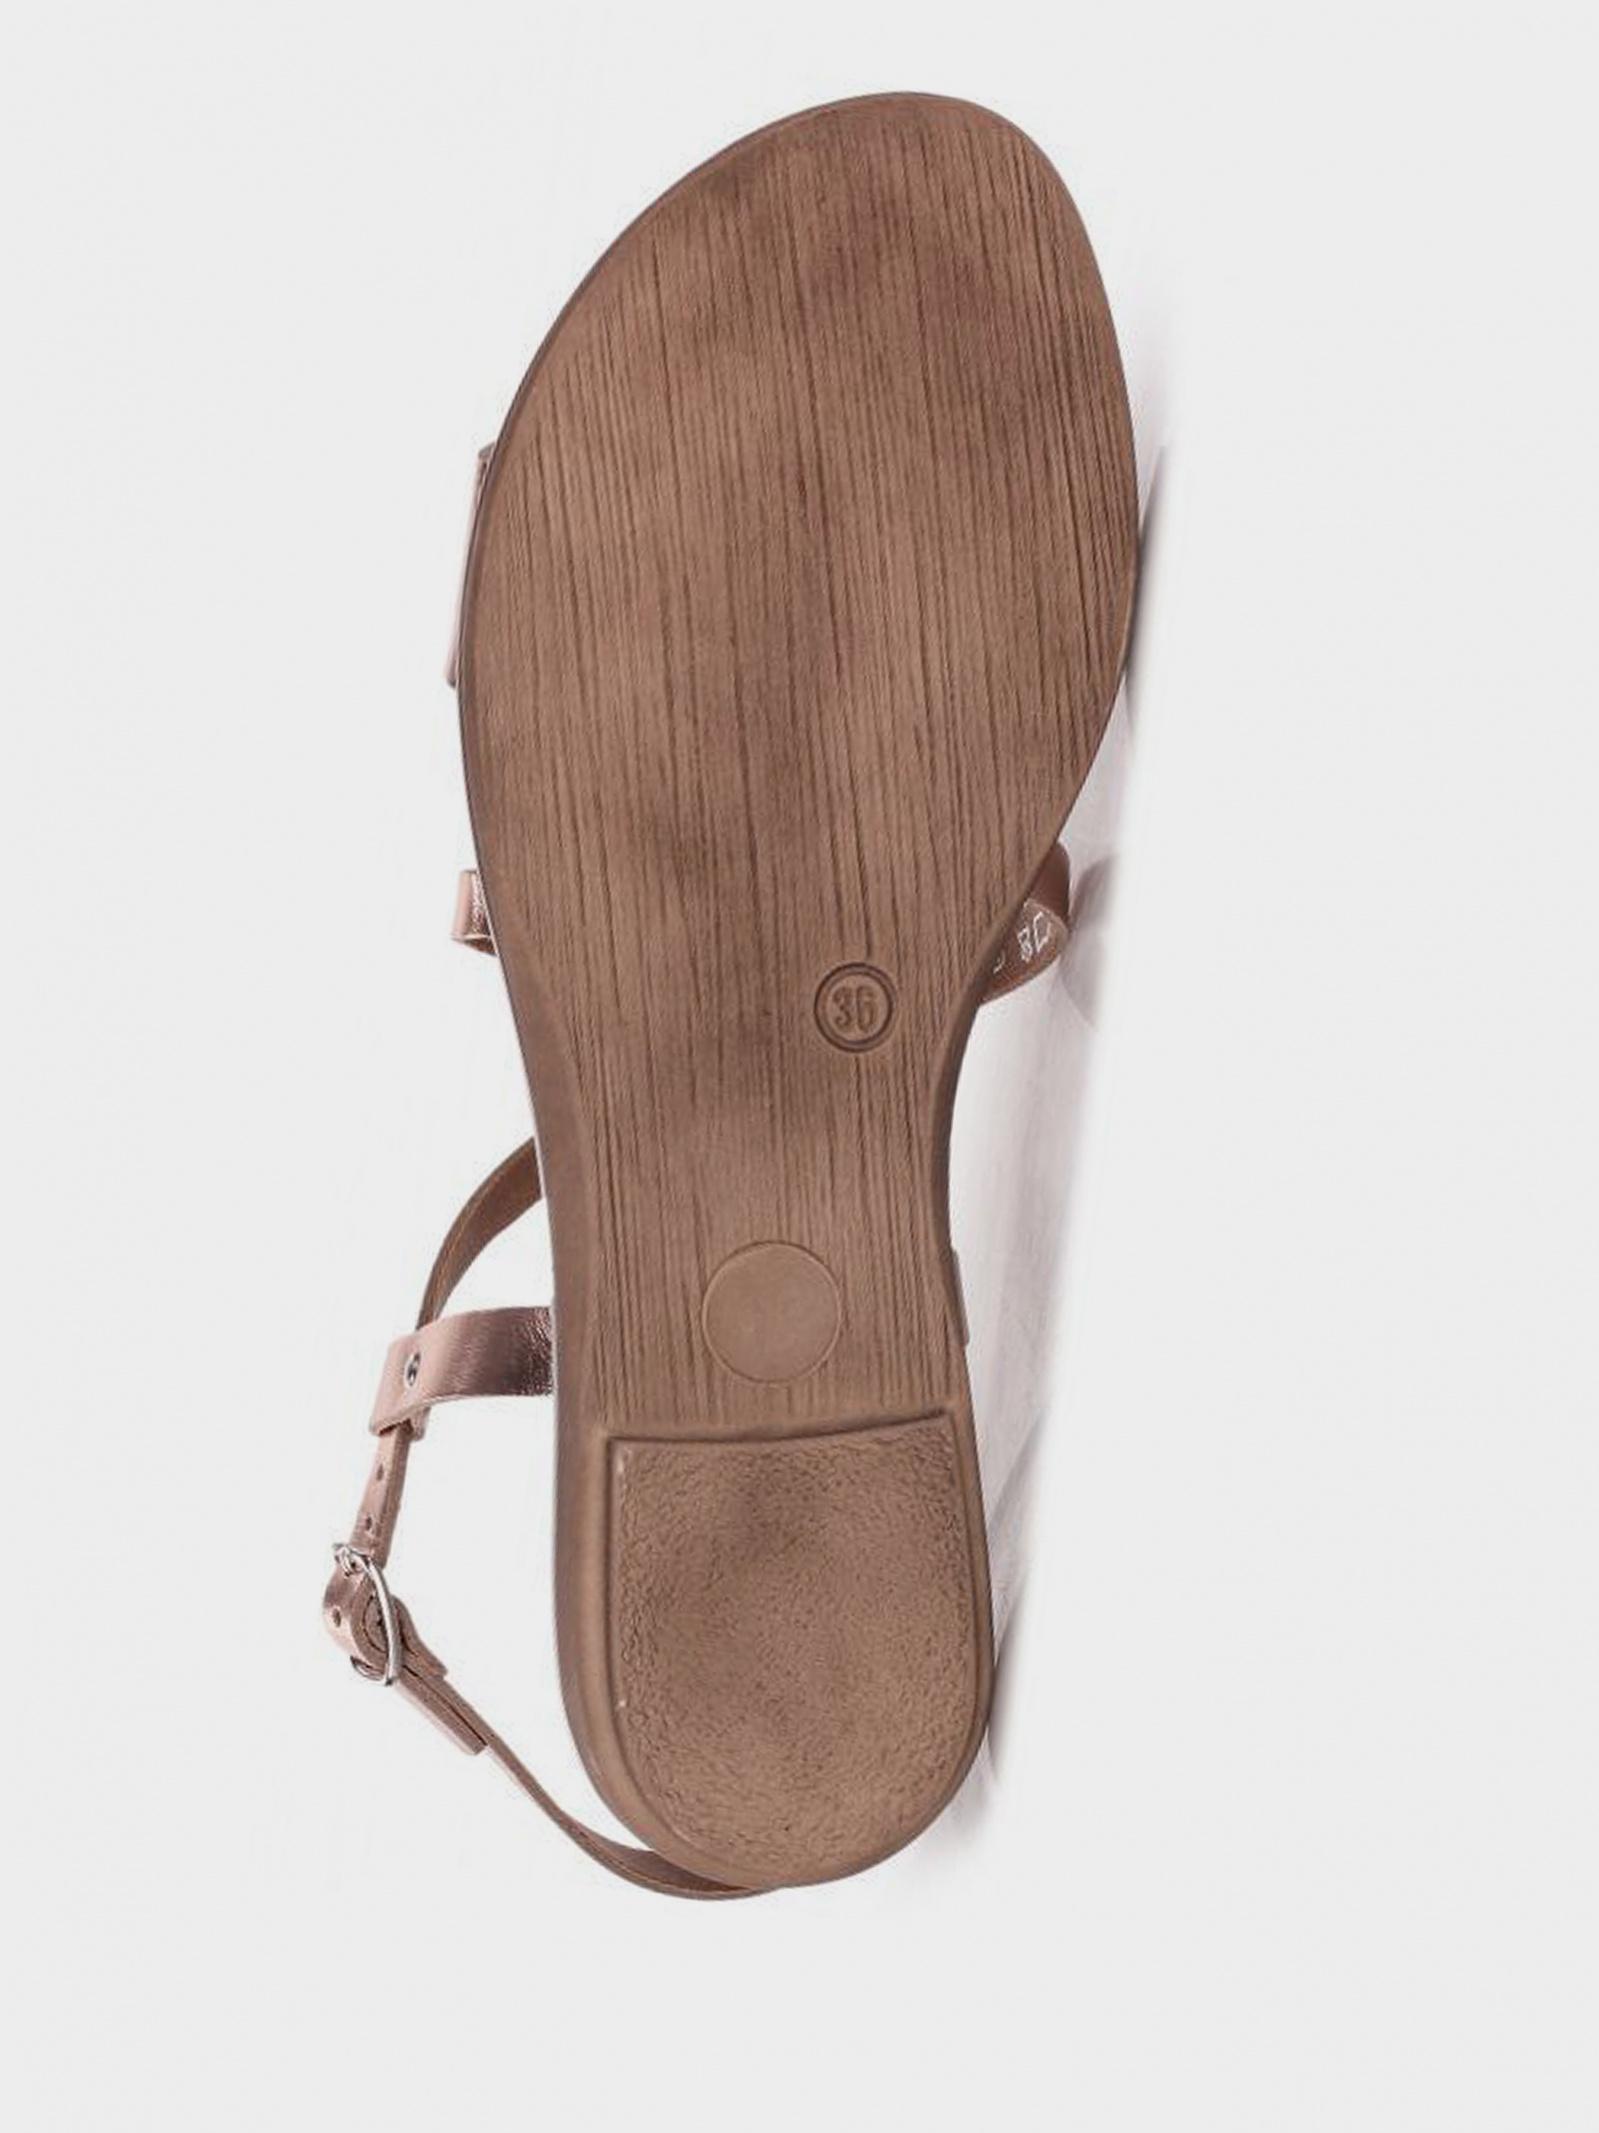 Сандалі  жіночі Marco Tozzi 28140-22-592 ROSE METALLIC 28140-22-592 ROSE METALLIC розмірна сітка взуття, 2017